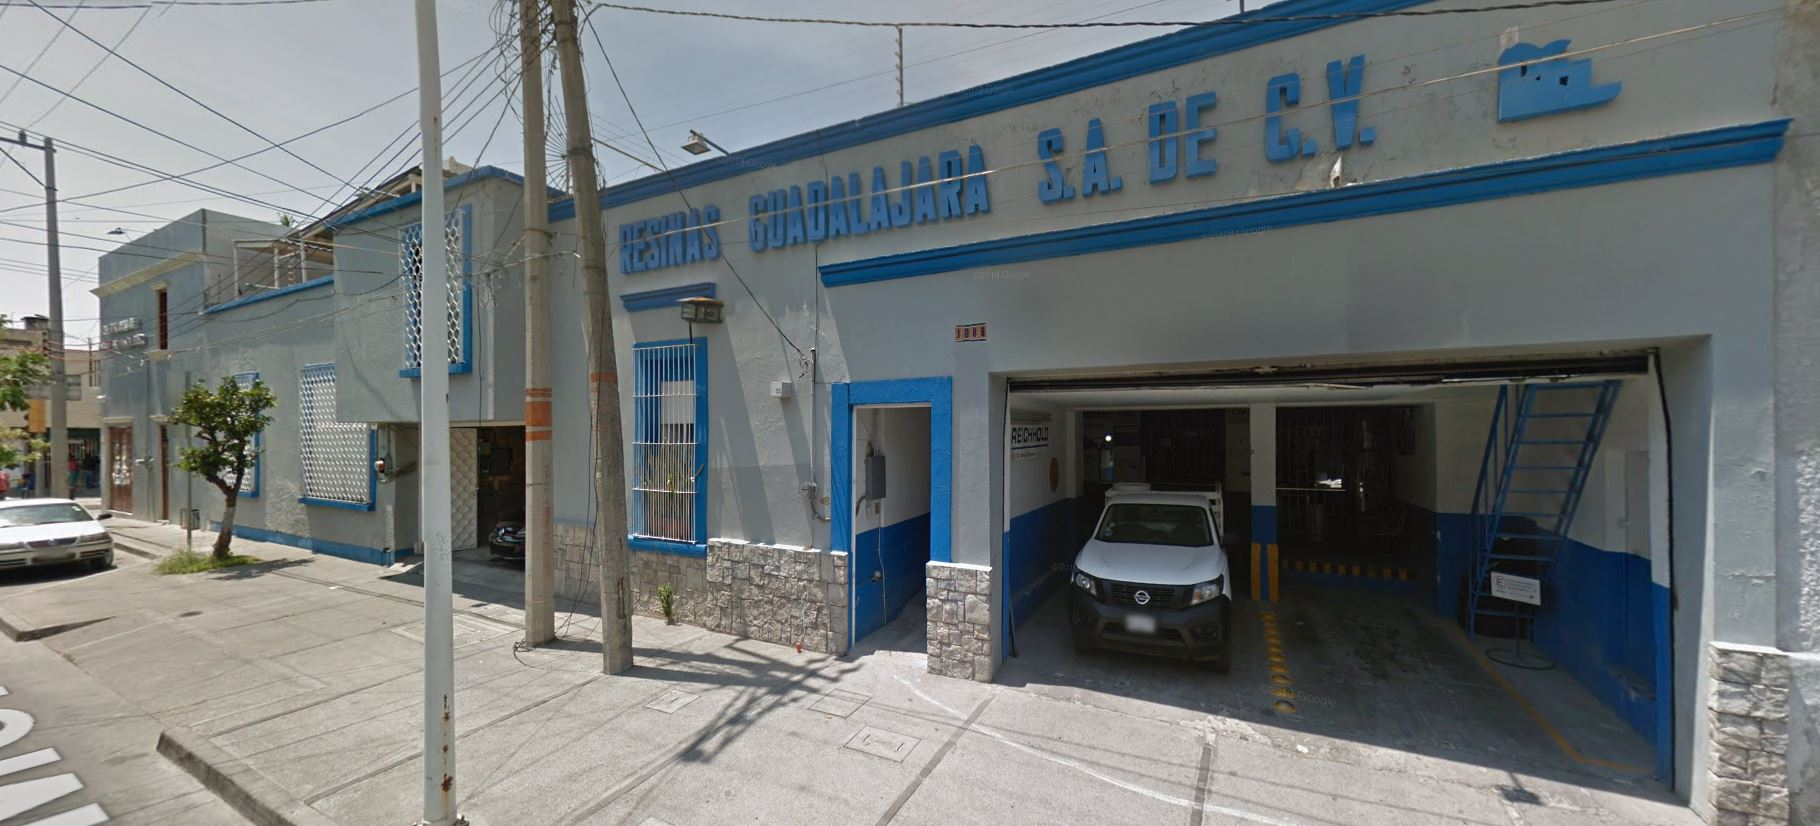 Resinas Guadalajara.JPG